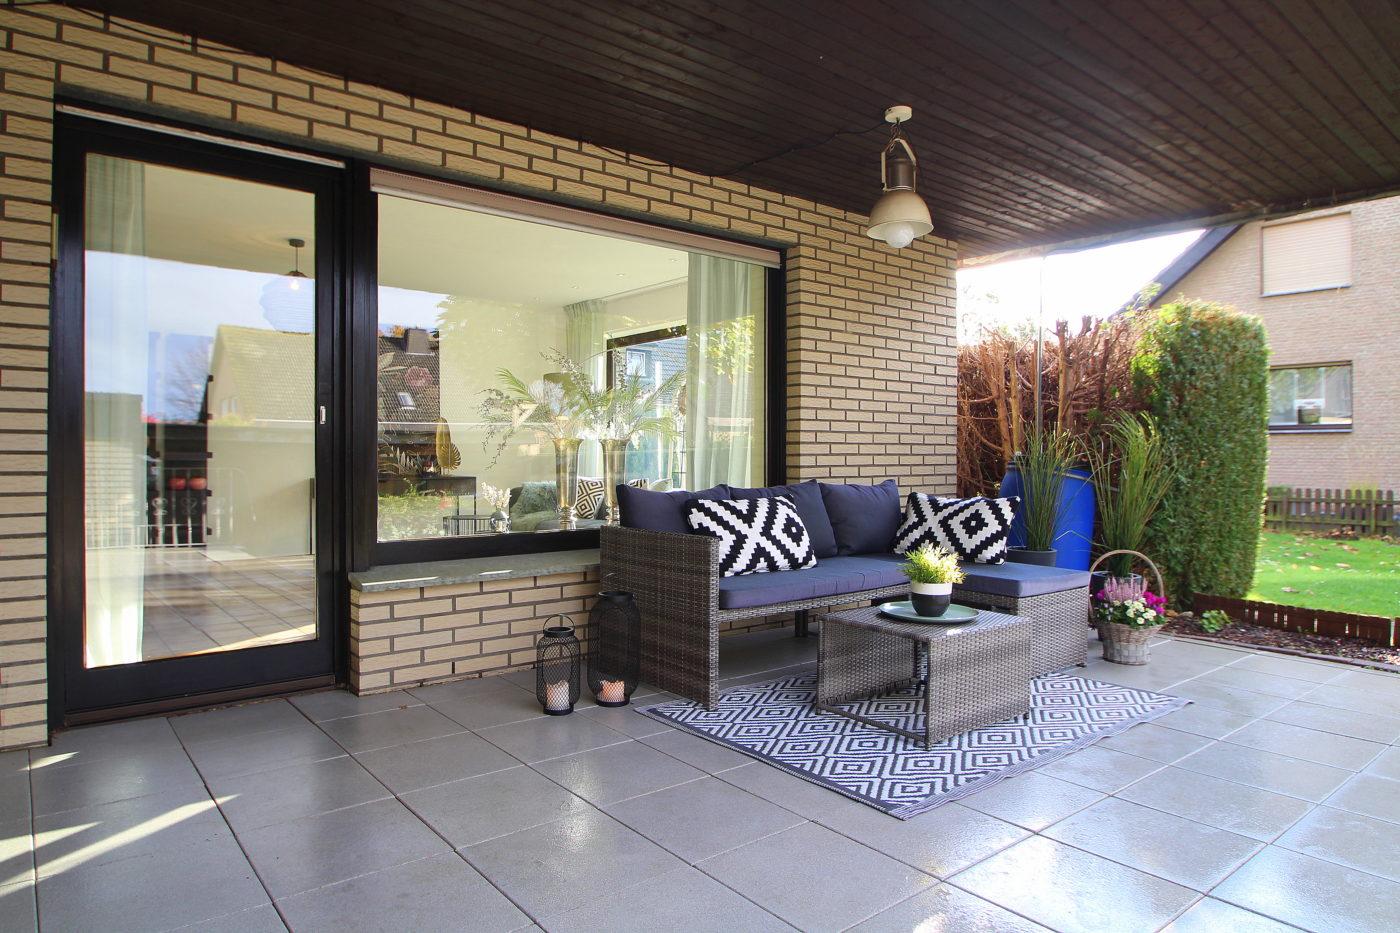 Terrasse nach dem Homestaging durch Nicole Biernath von Blickfang Homestaging in Soest